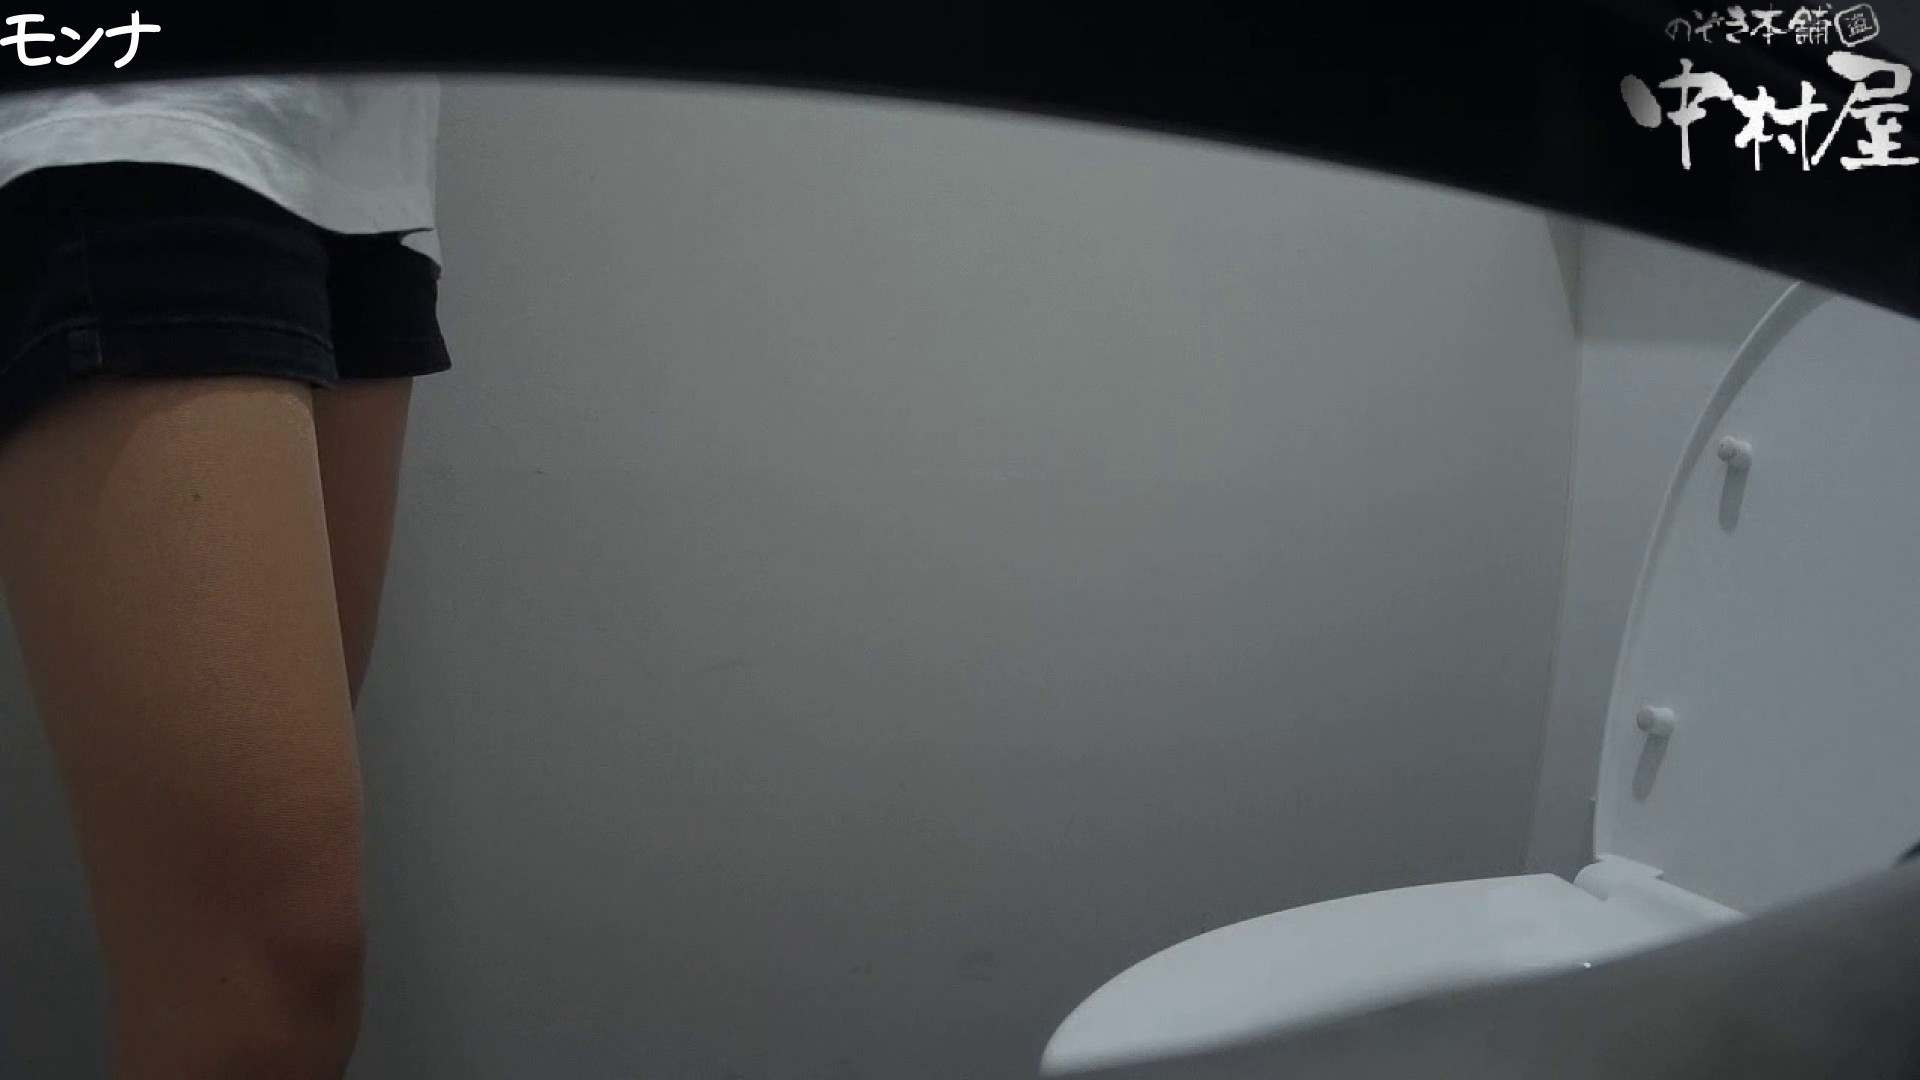 有名大学女性洗面所 vol.66 清楚系女子をがっつり!! 潜入突撃 盗み撮り動画キャプチャ 82pic 50